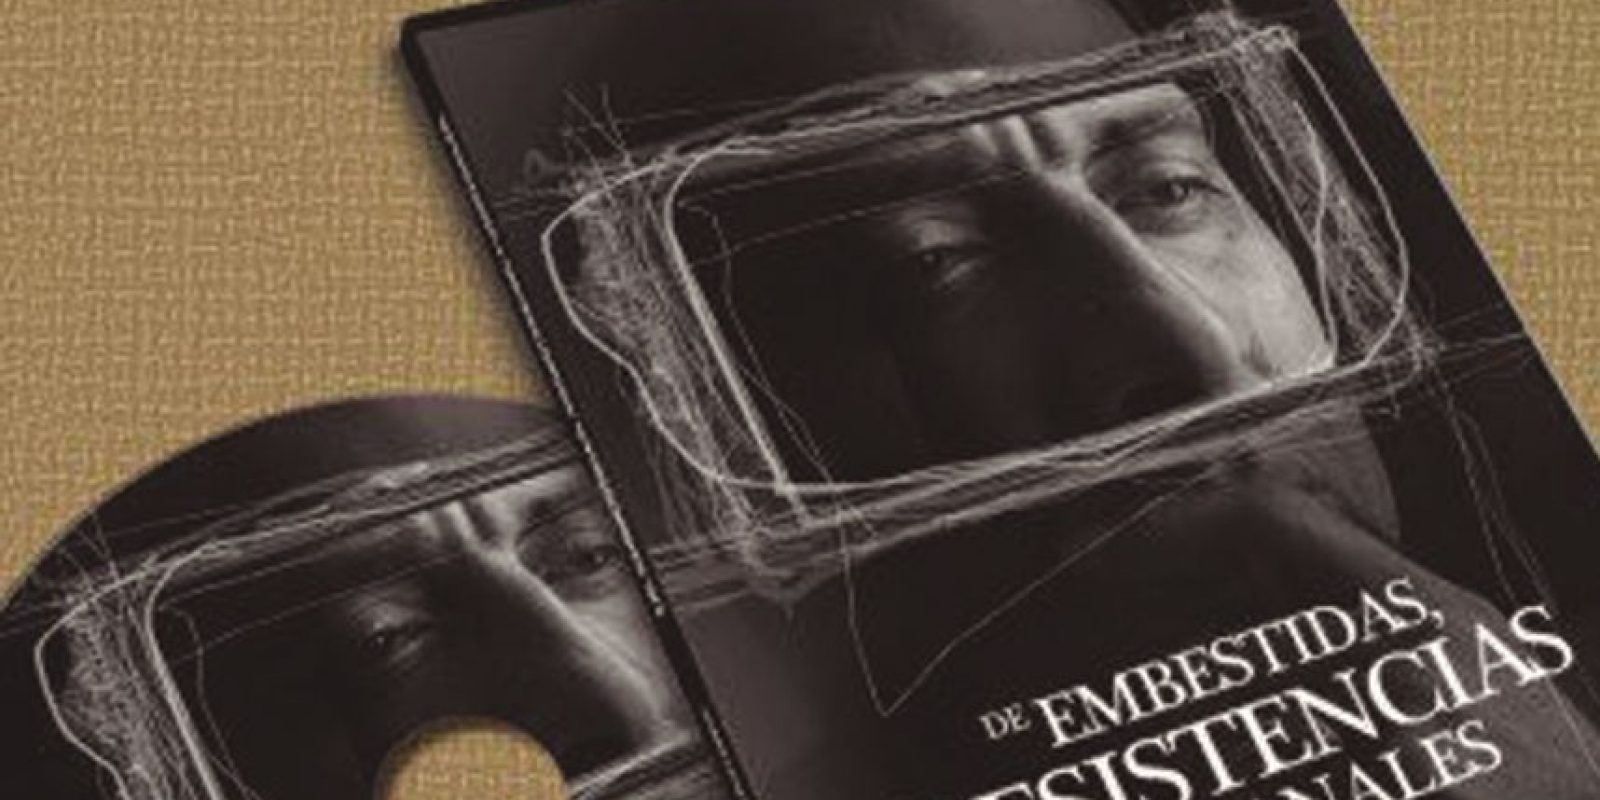 2. Poeta. En el mes de abril de 2012, lanzó su audio libro de poemas titulado: De embestidas, resistencias y ventanales el cual contiene en sus páginas, su pensar sobre diversos temas sociales. Foto:Fuente Externa